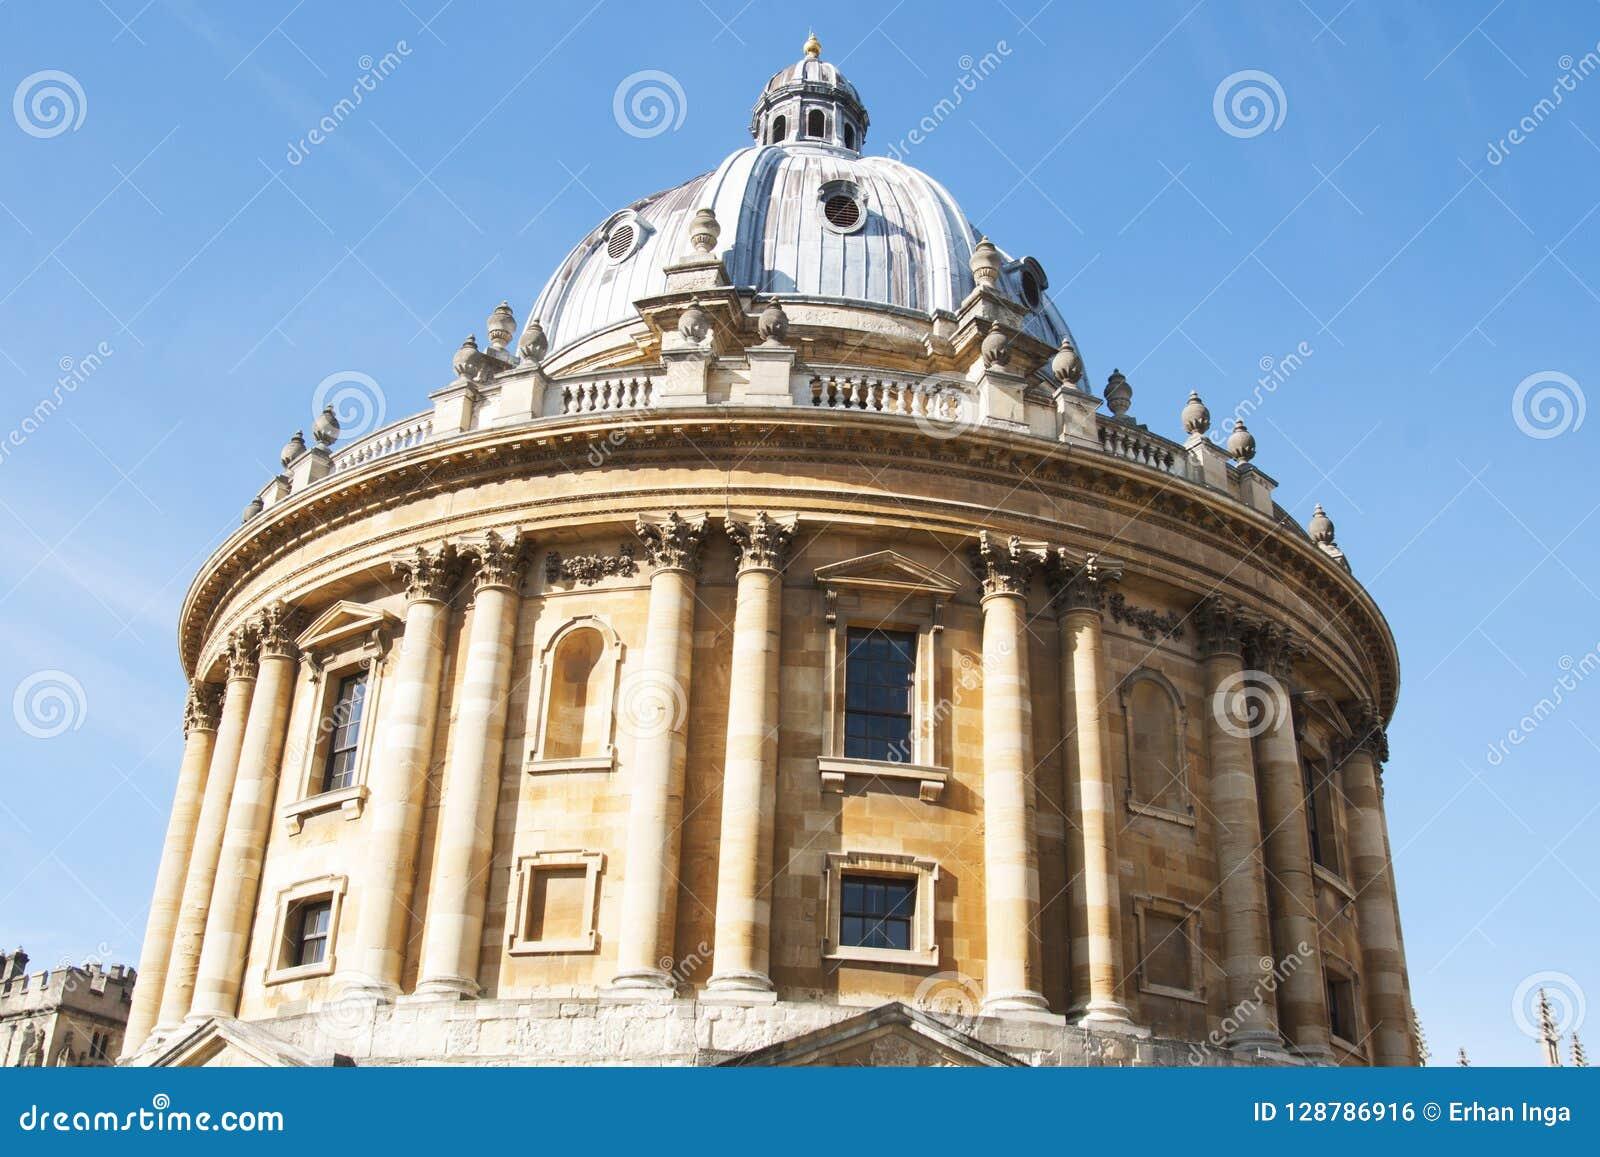 Oxford, Vereinigtes Königreich 13. Oktober 2018 - die Bodleian-Bibliothek, die Hauptforschungsbibliothek University of Oxfords, i